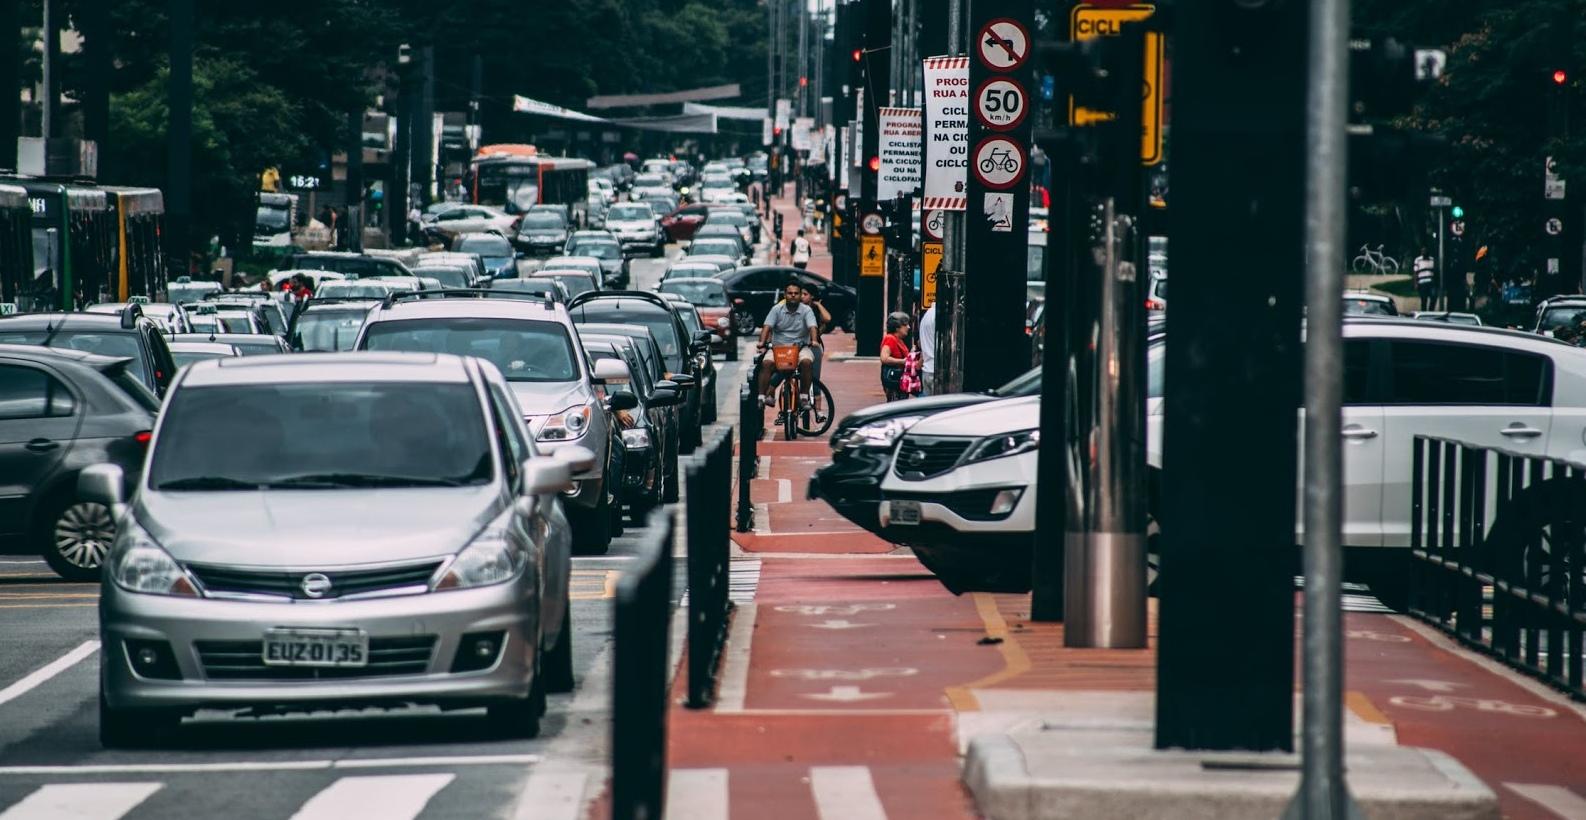 Google 怎麼利用 AI 預測車流量、決定最佳路線?